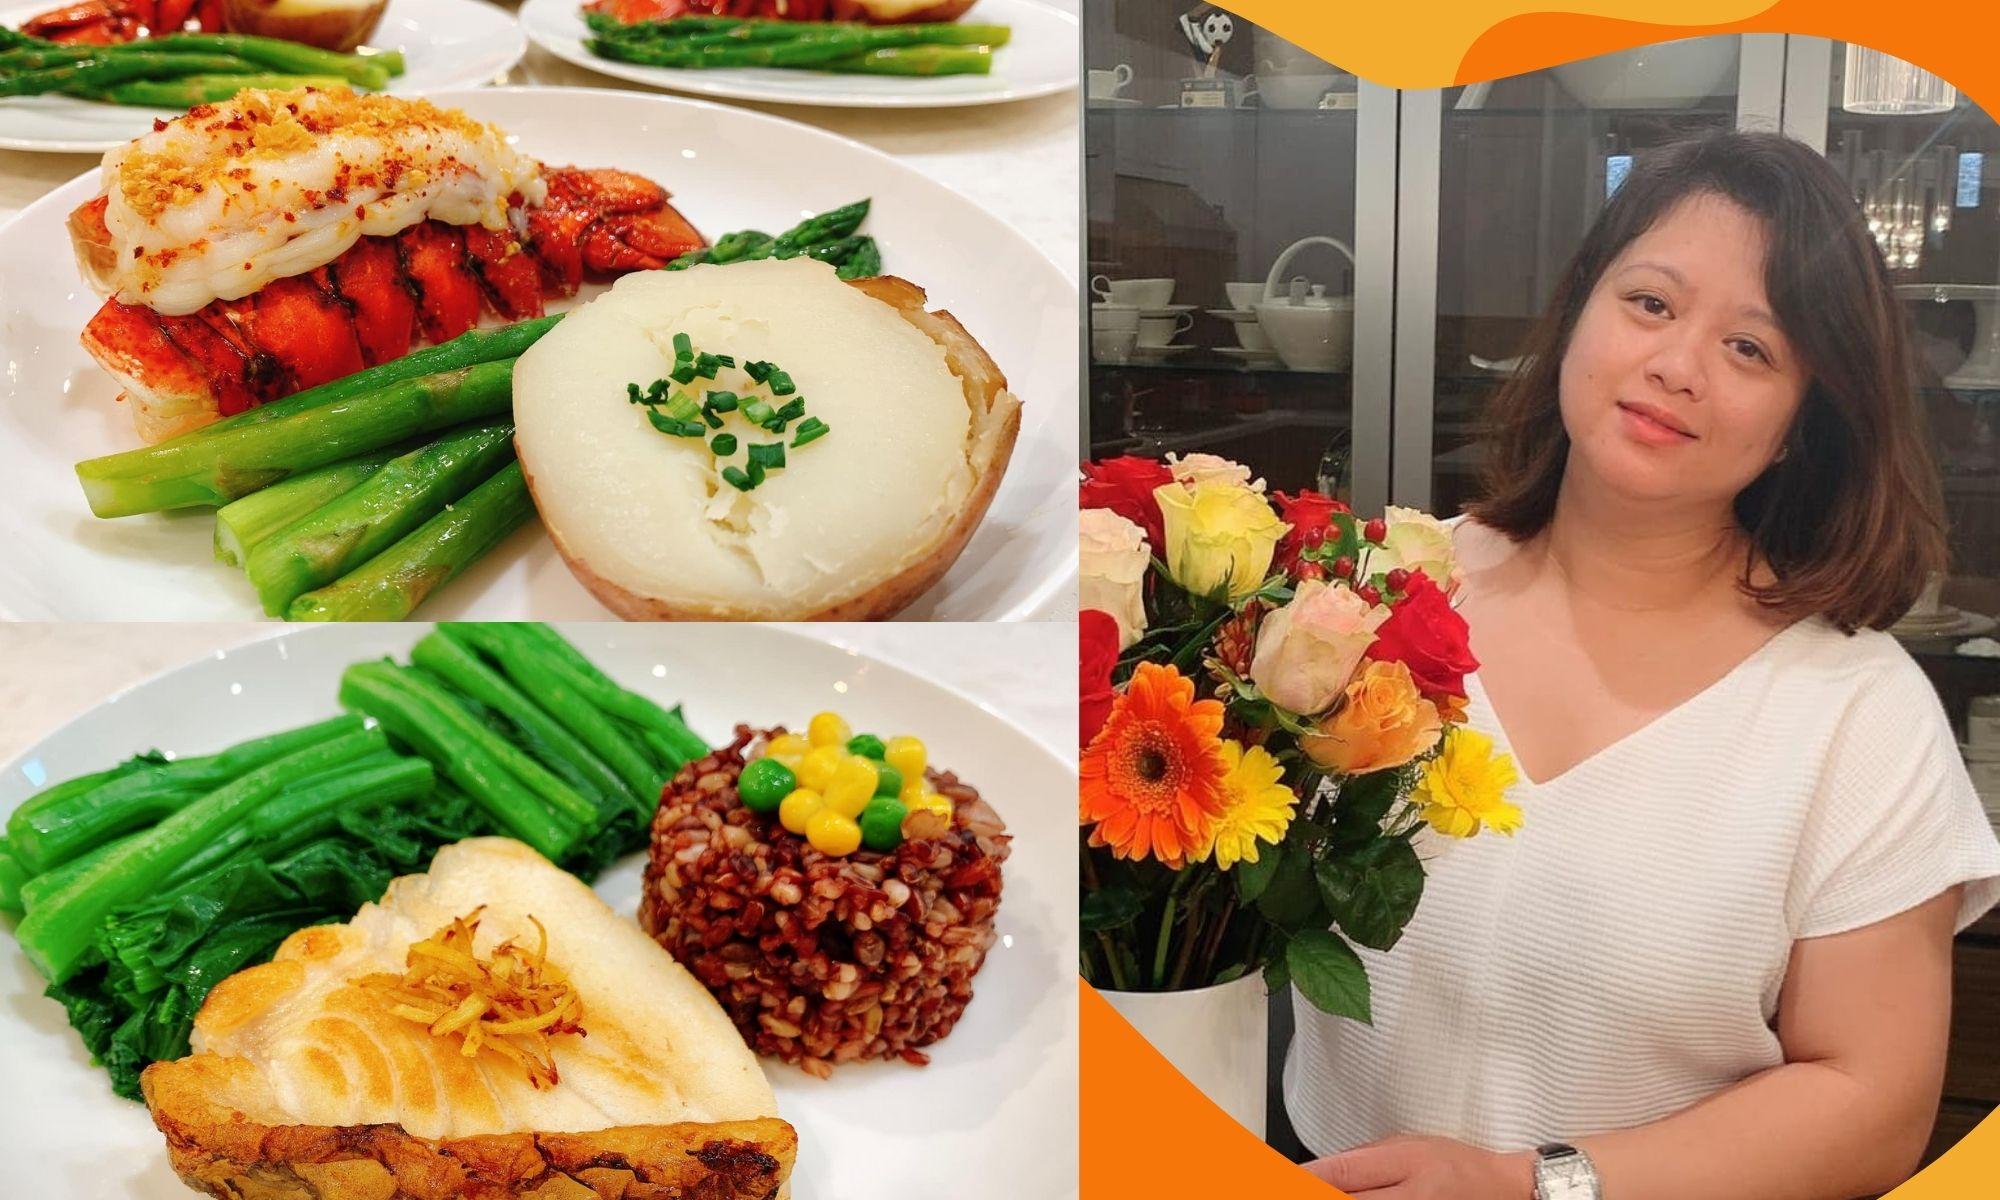 Tham khảo chế độ ăn Eat Clean với loạt món ăn hấp dẫn của mẹ đảm chia sẻ